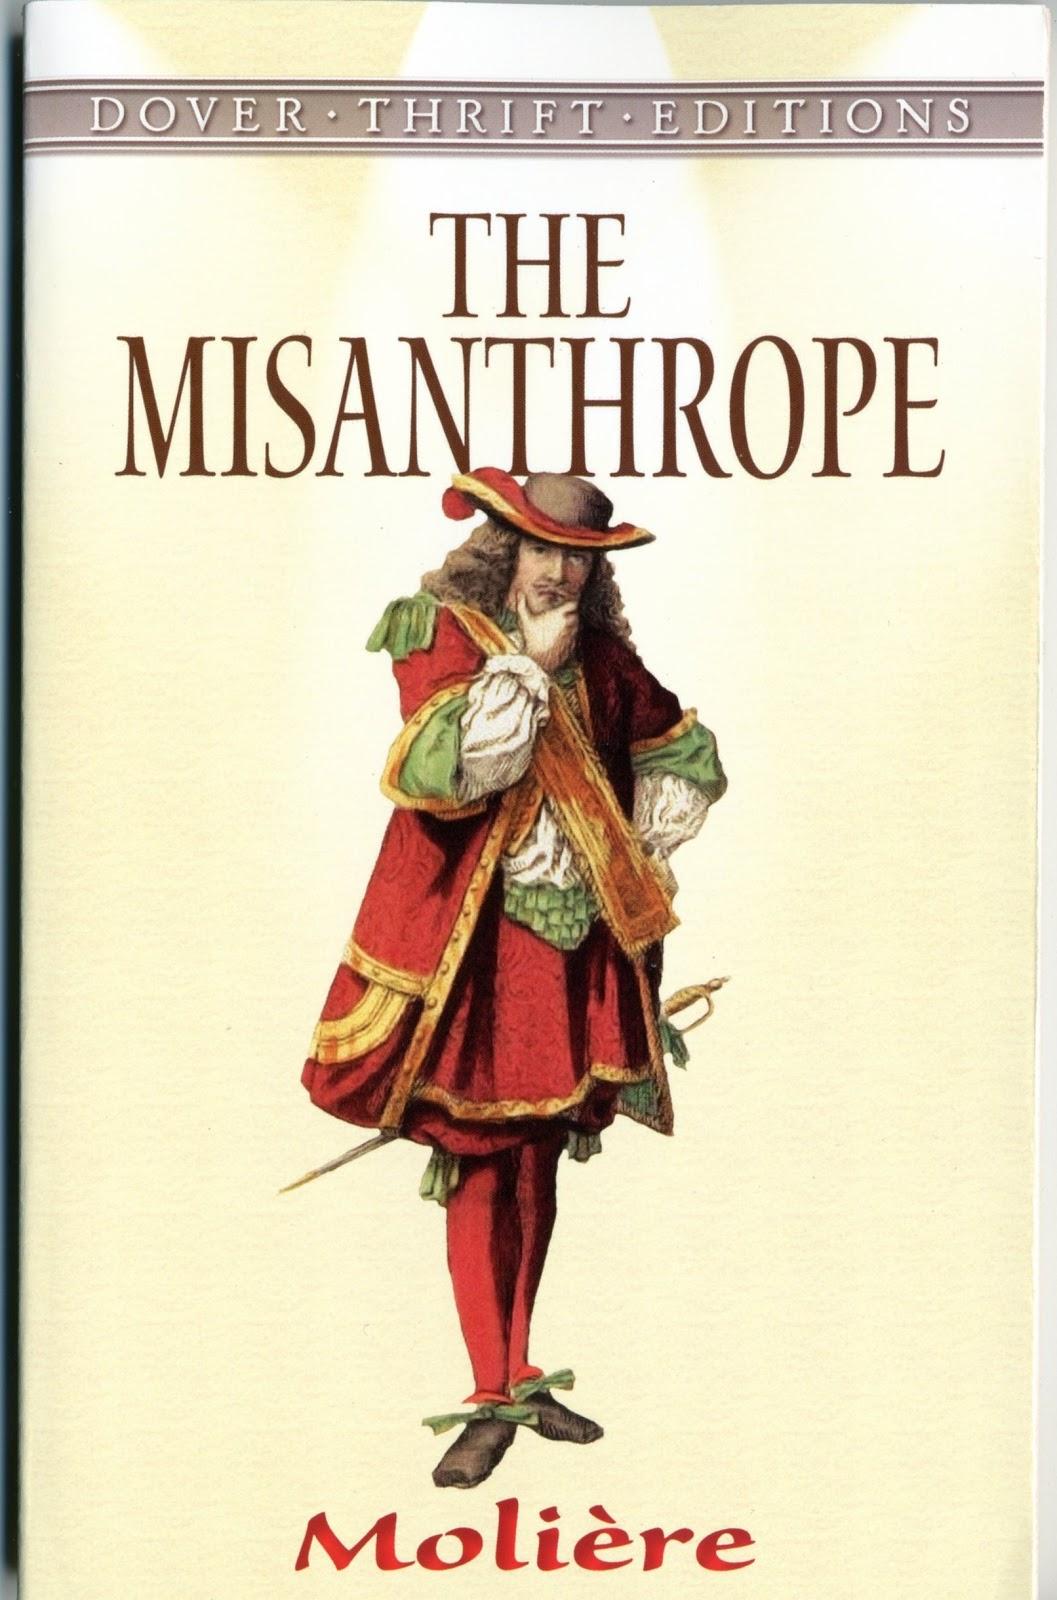 Sentence for misanthrope